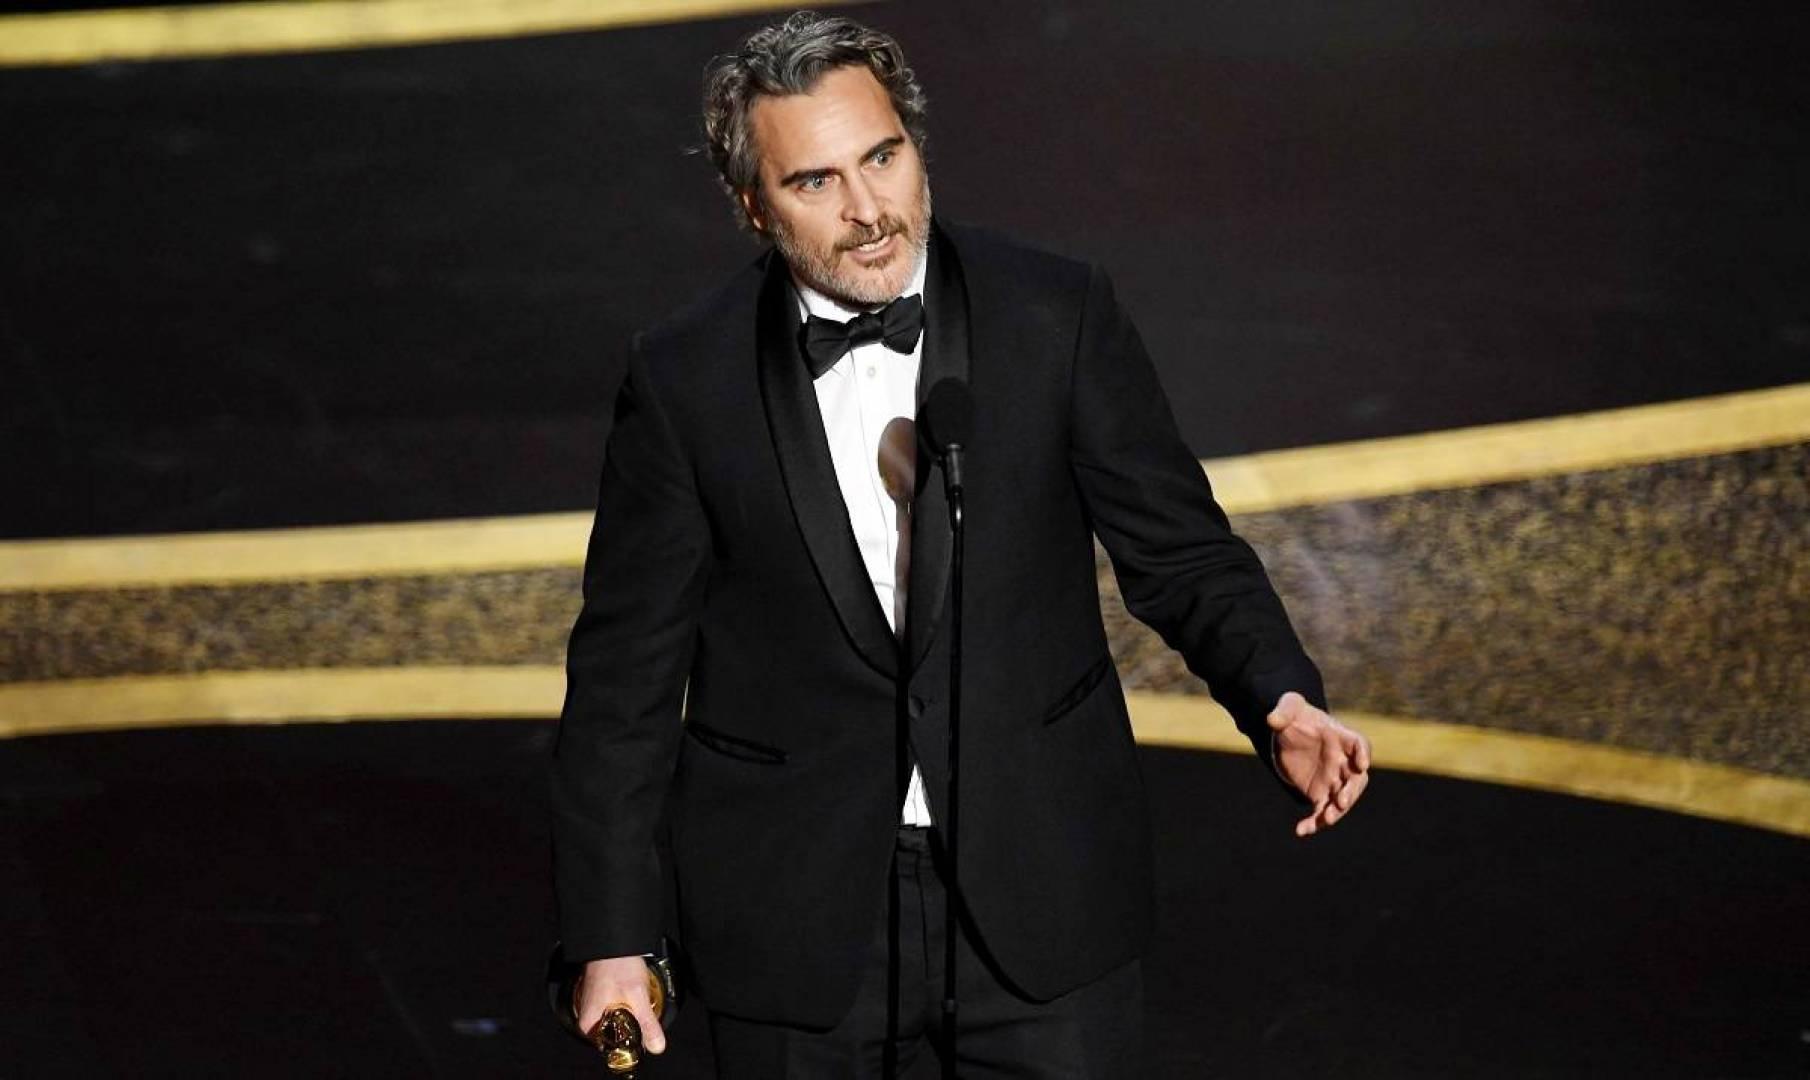 خواكين فينكس يفوز بأوسكار أفضل ممثل عن فيلم «الجوكر»